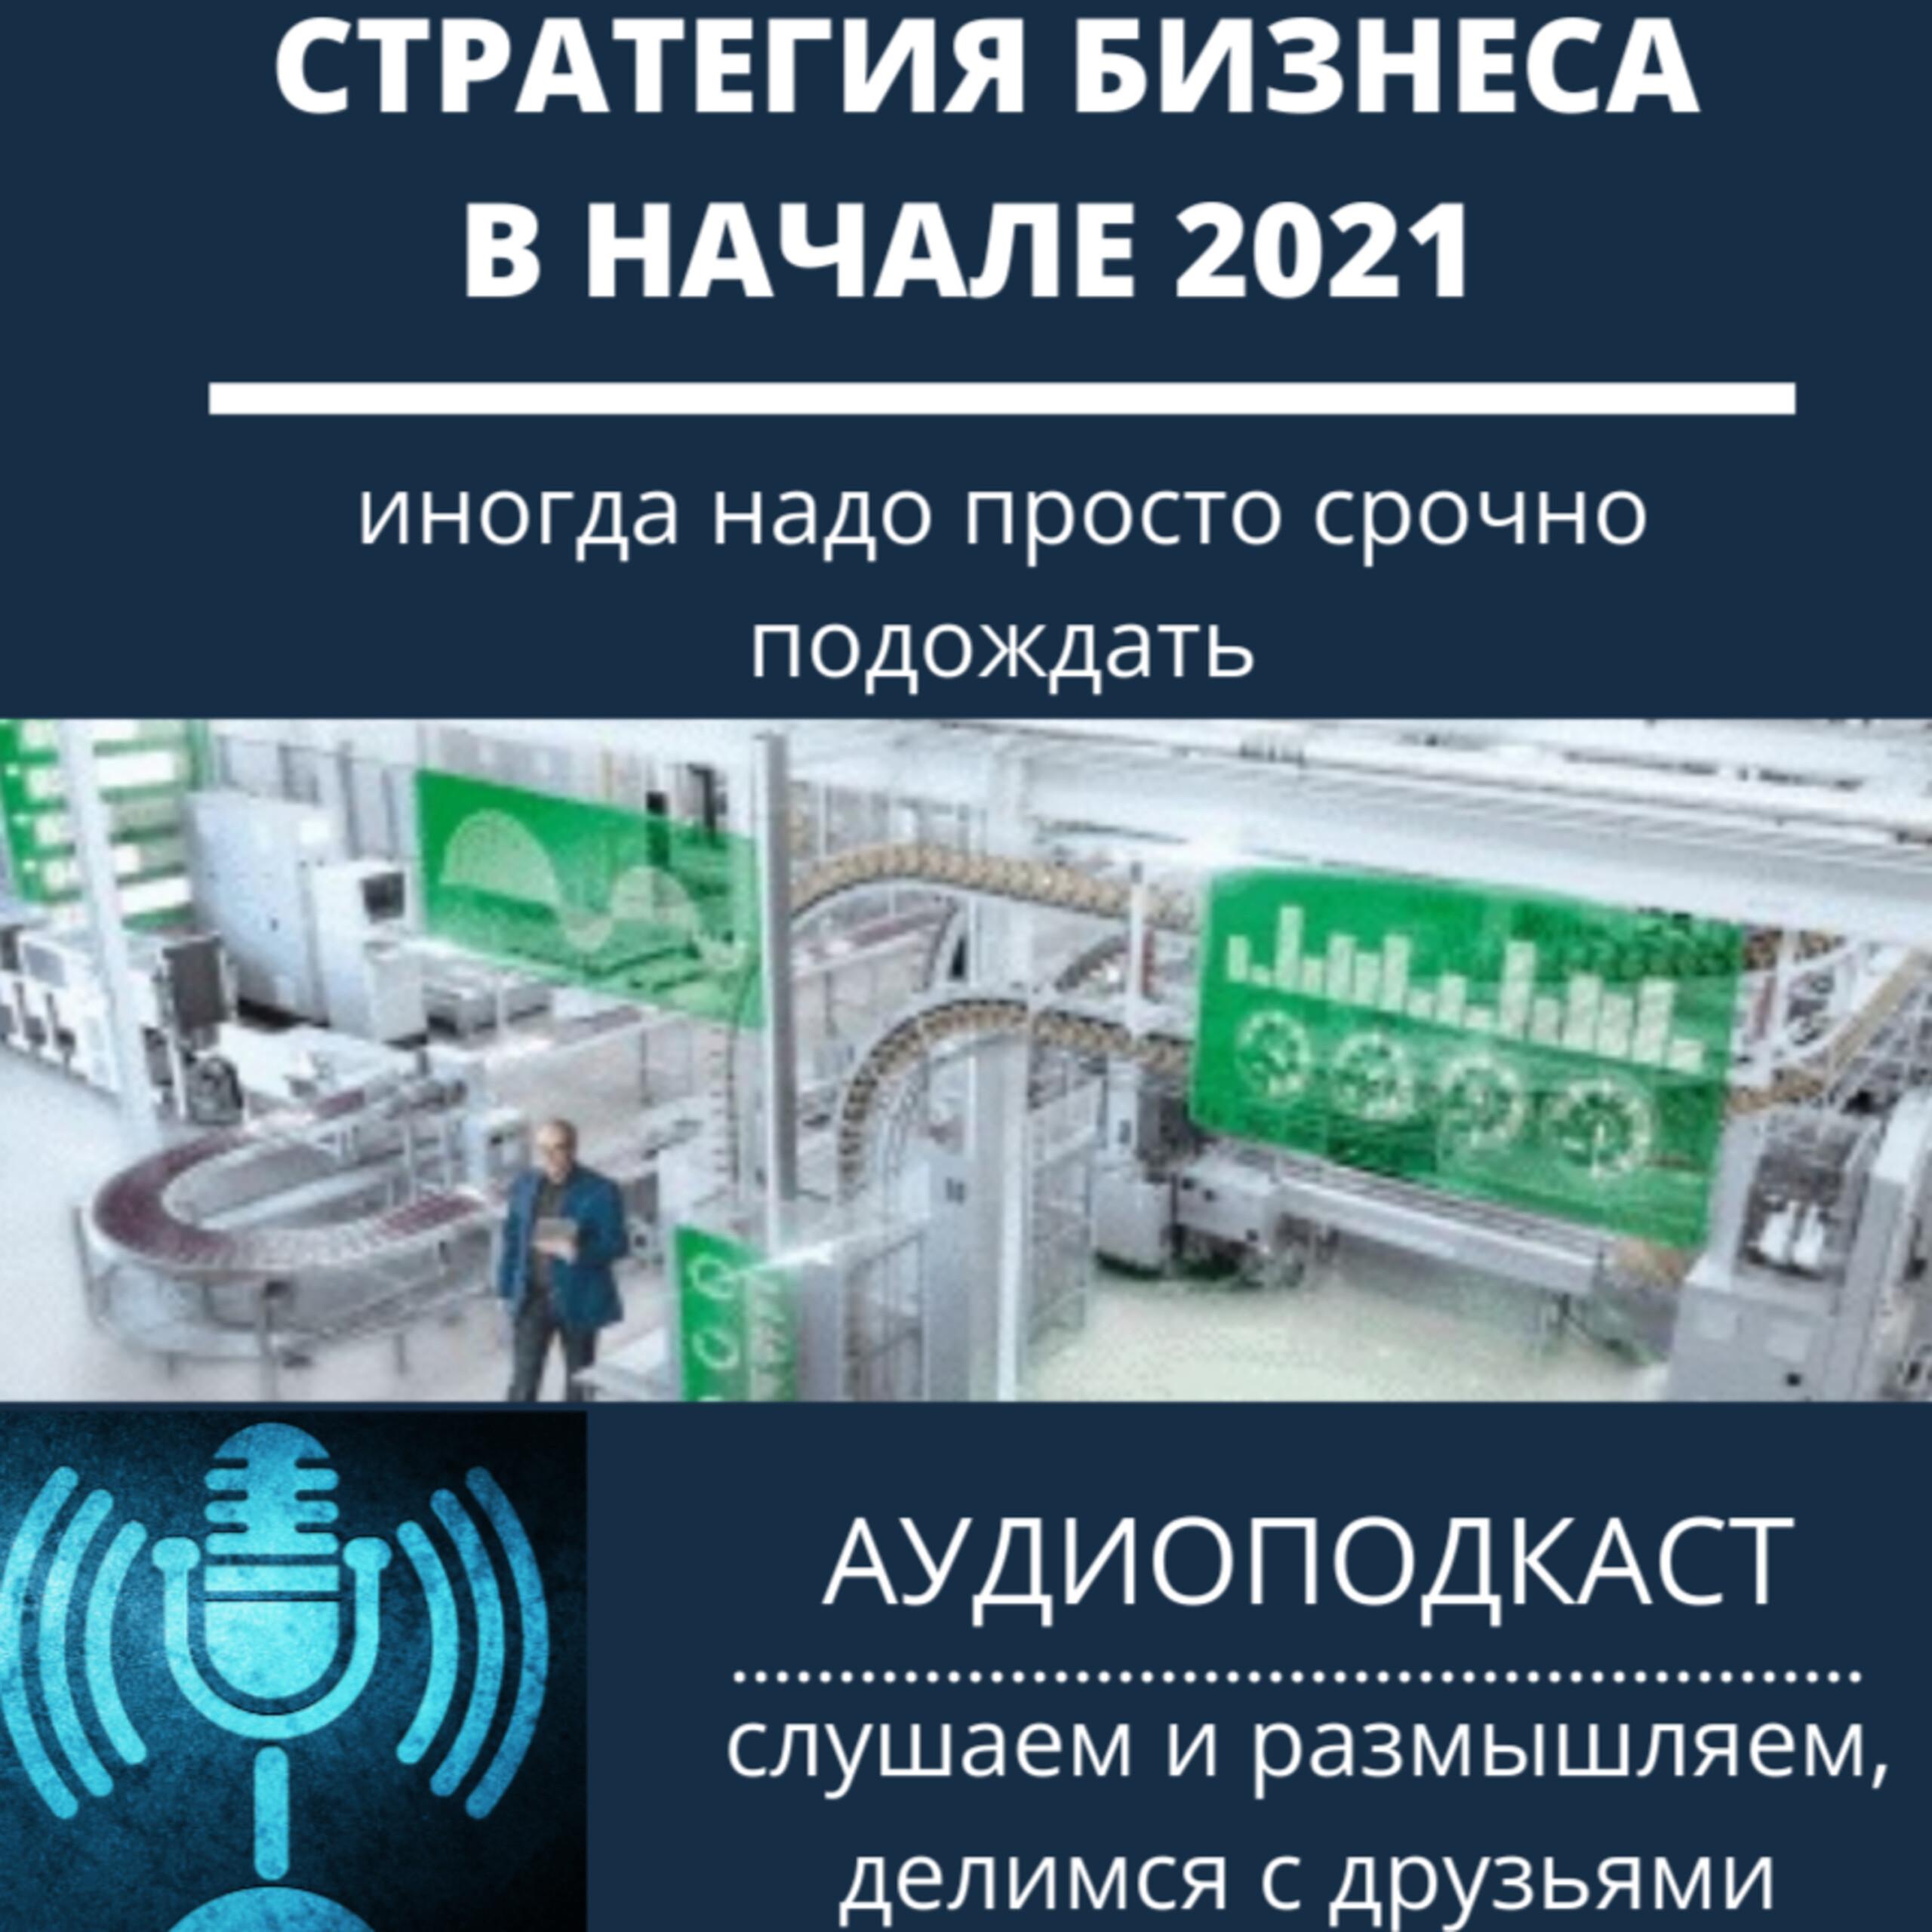 Стратегия бизнеса в начале 2021 - надо срочно подождать